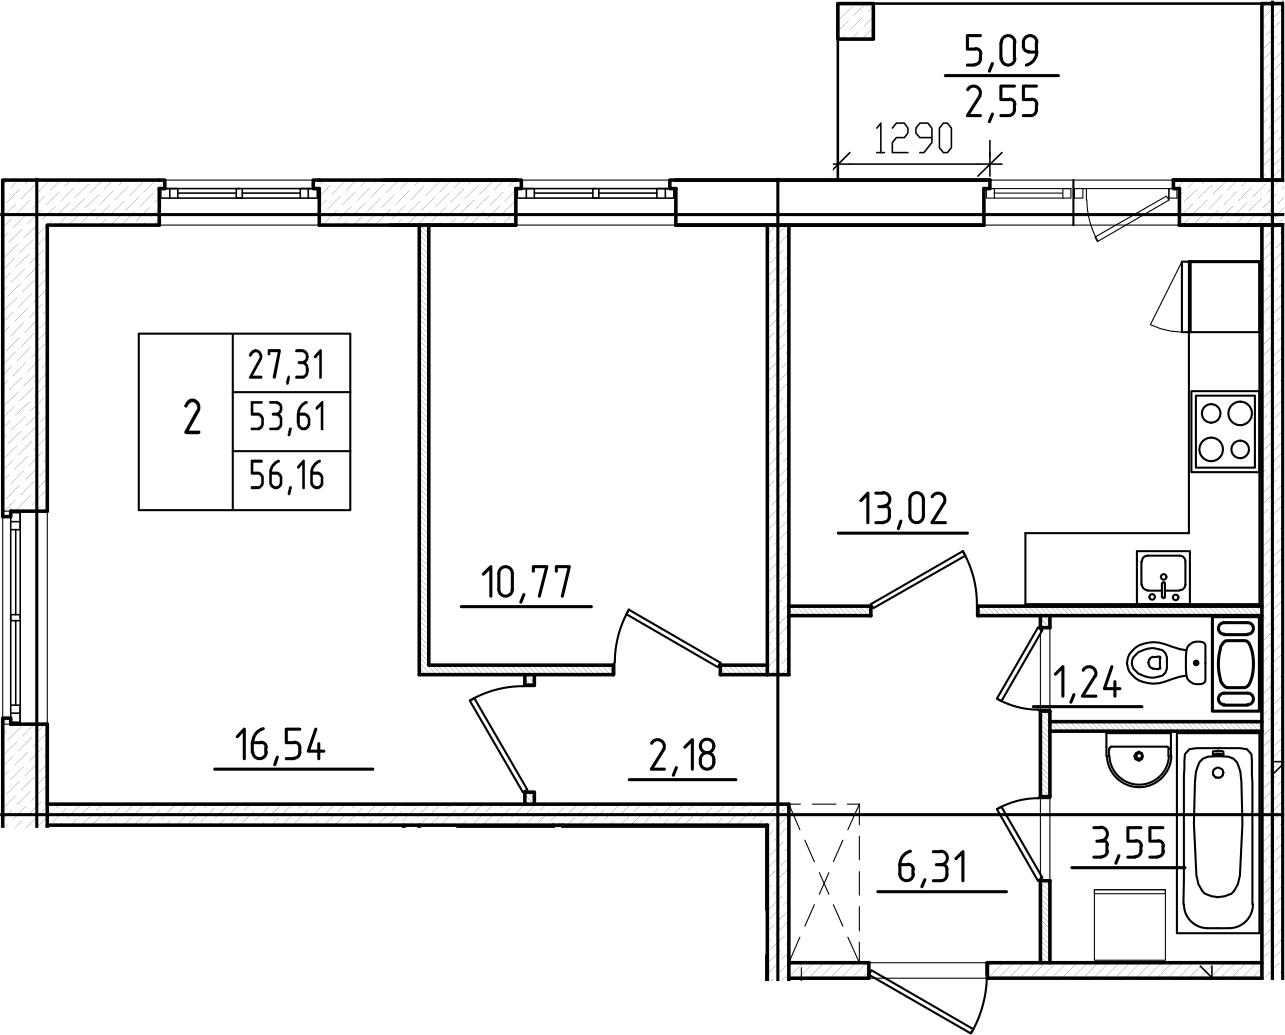 2-к.кв, 56.16 м², от 4 этажа